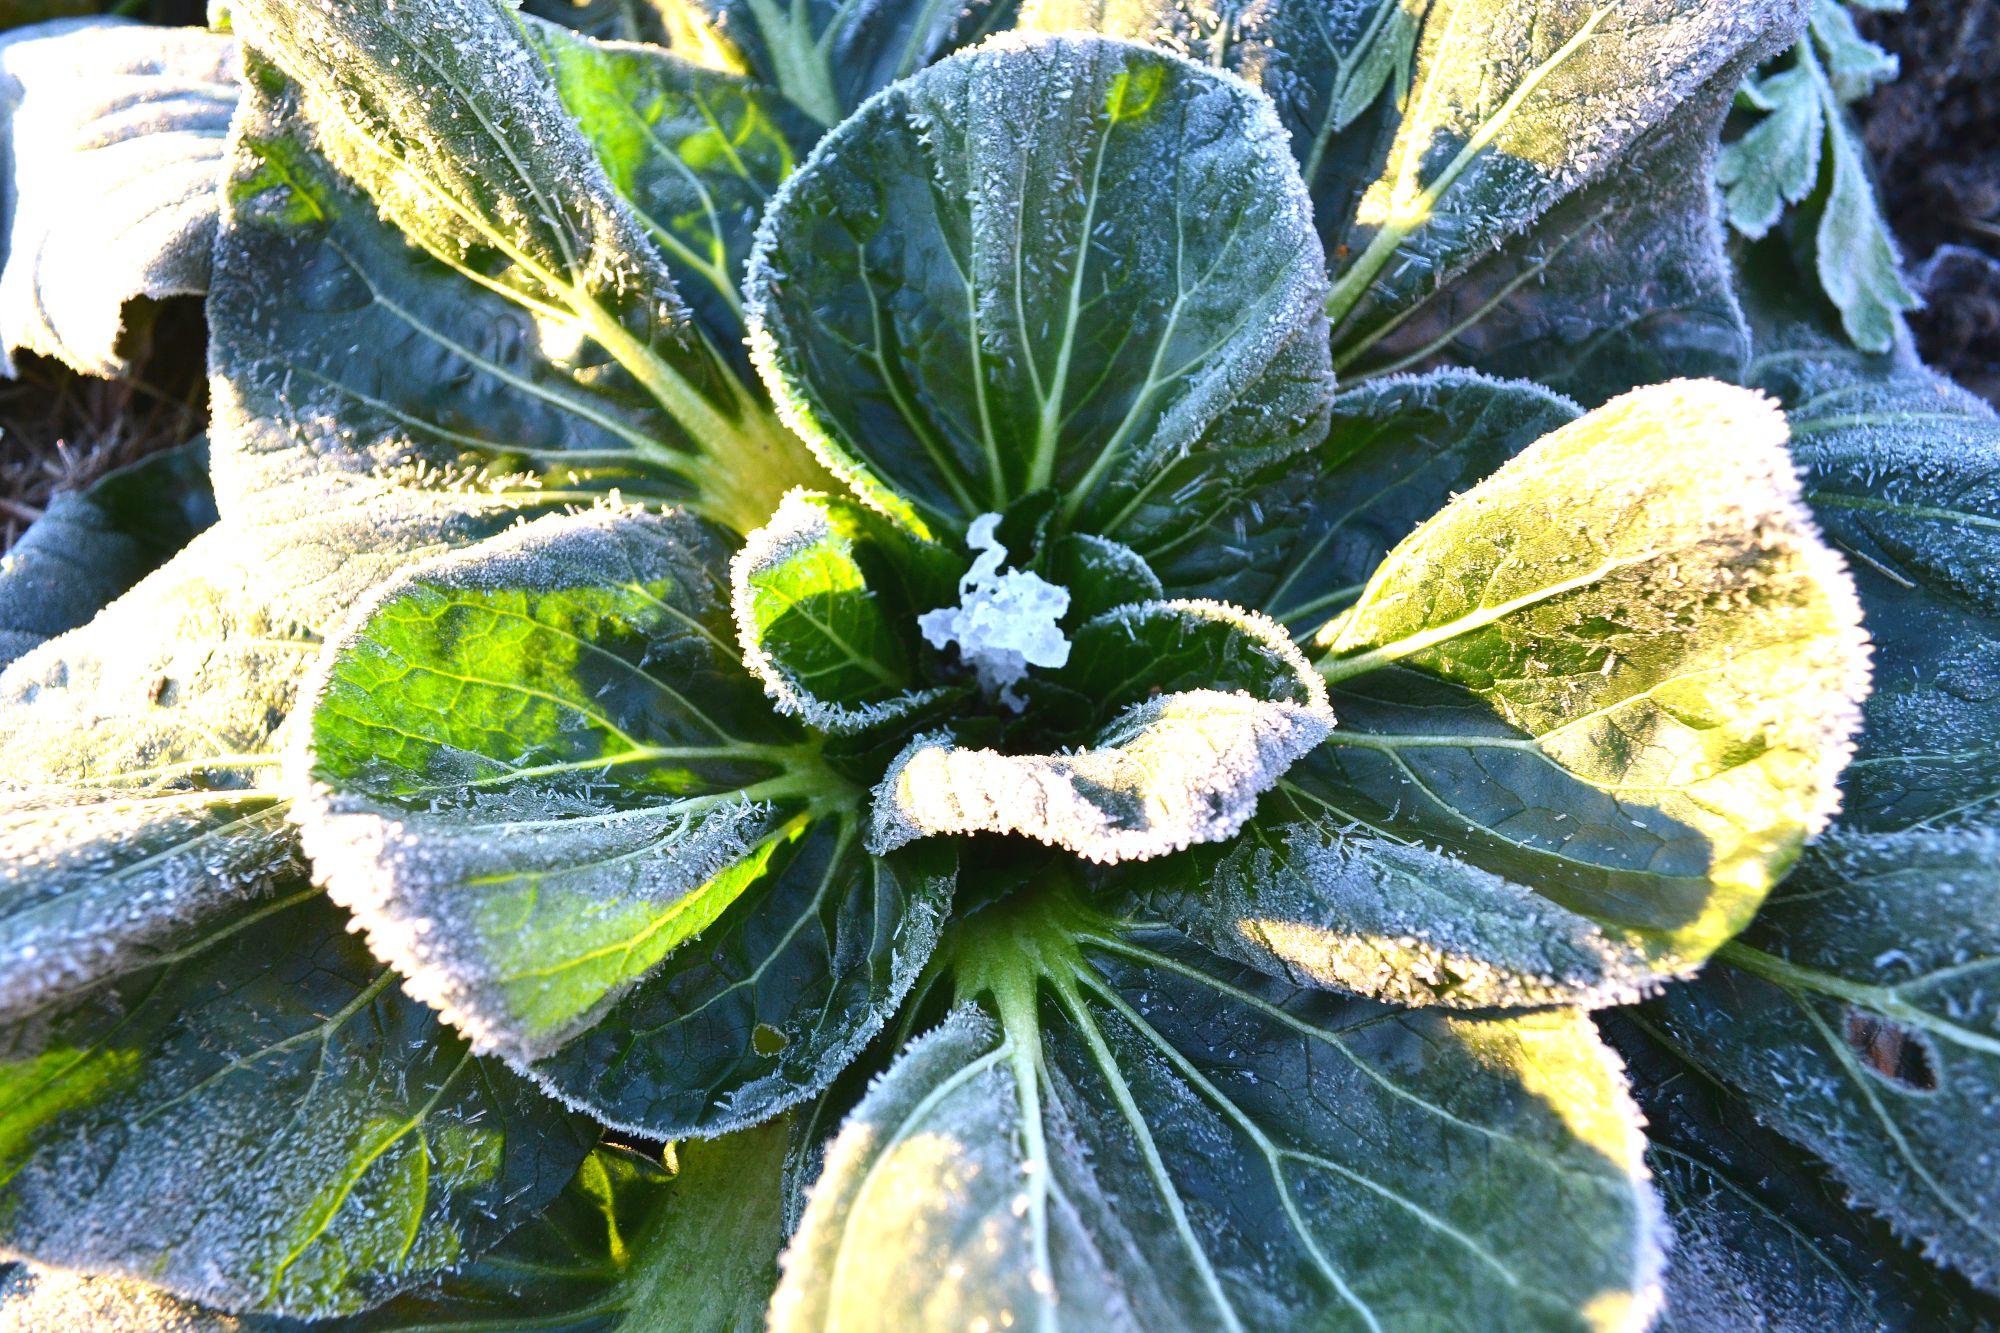 En frusen bladkål, tatsoi, i soligt vinterväder.